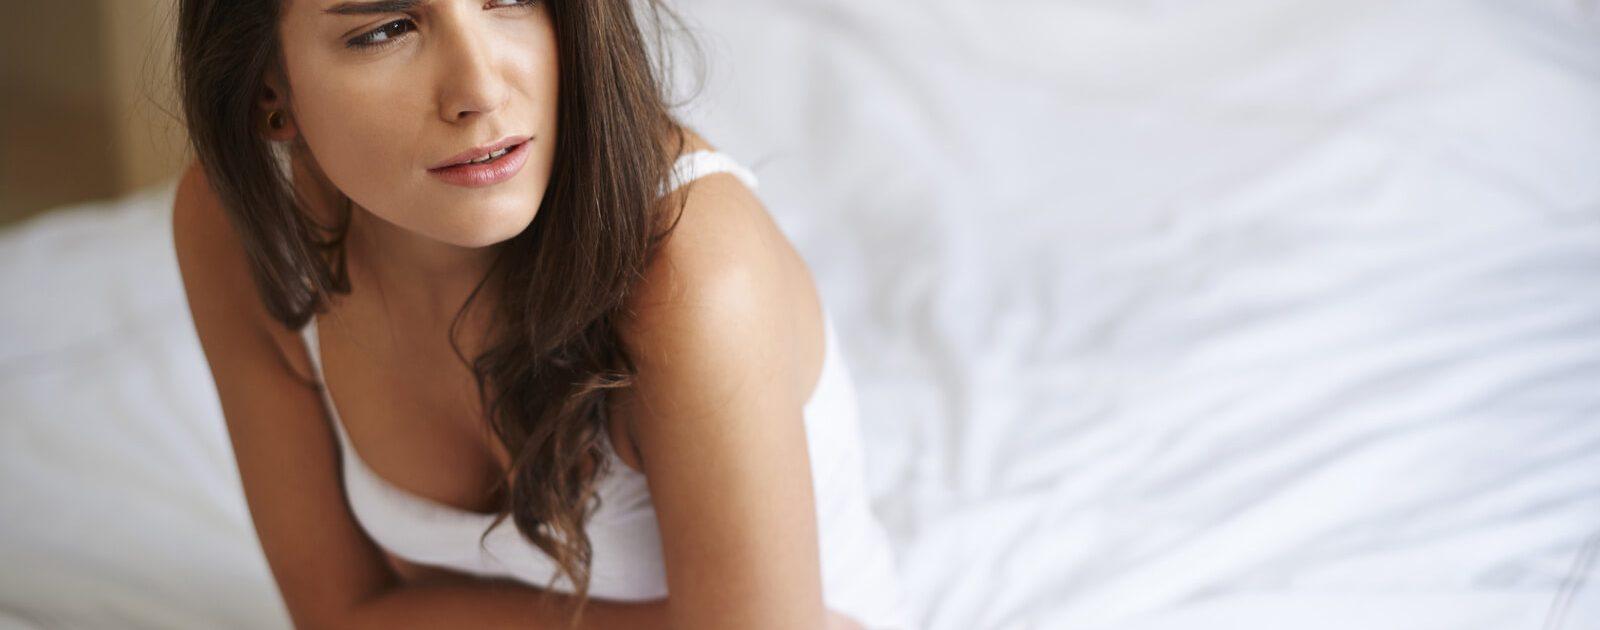 Frau sitzt im Bett und hält sich den Bauch